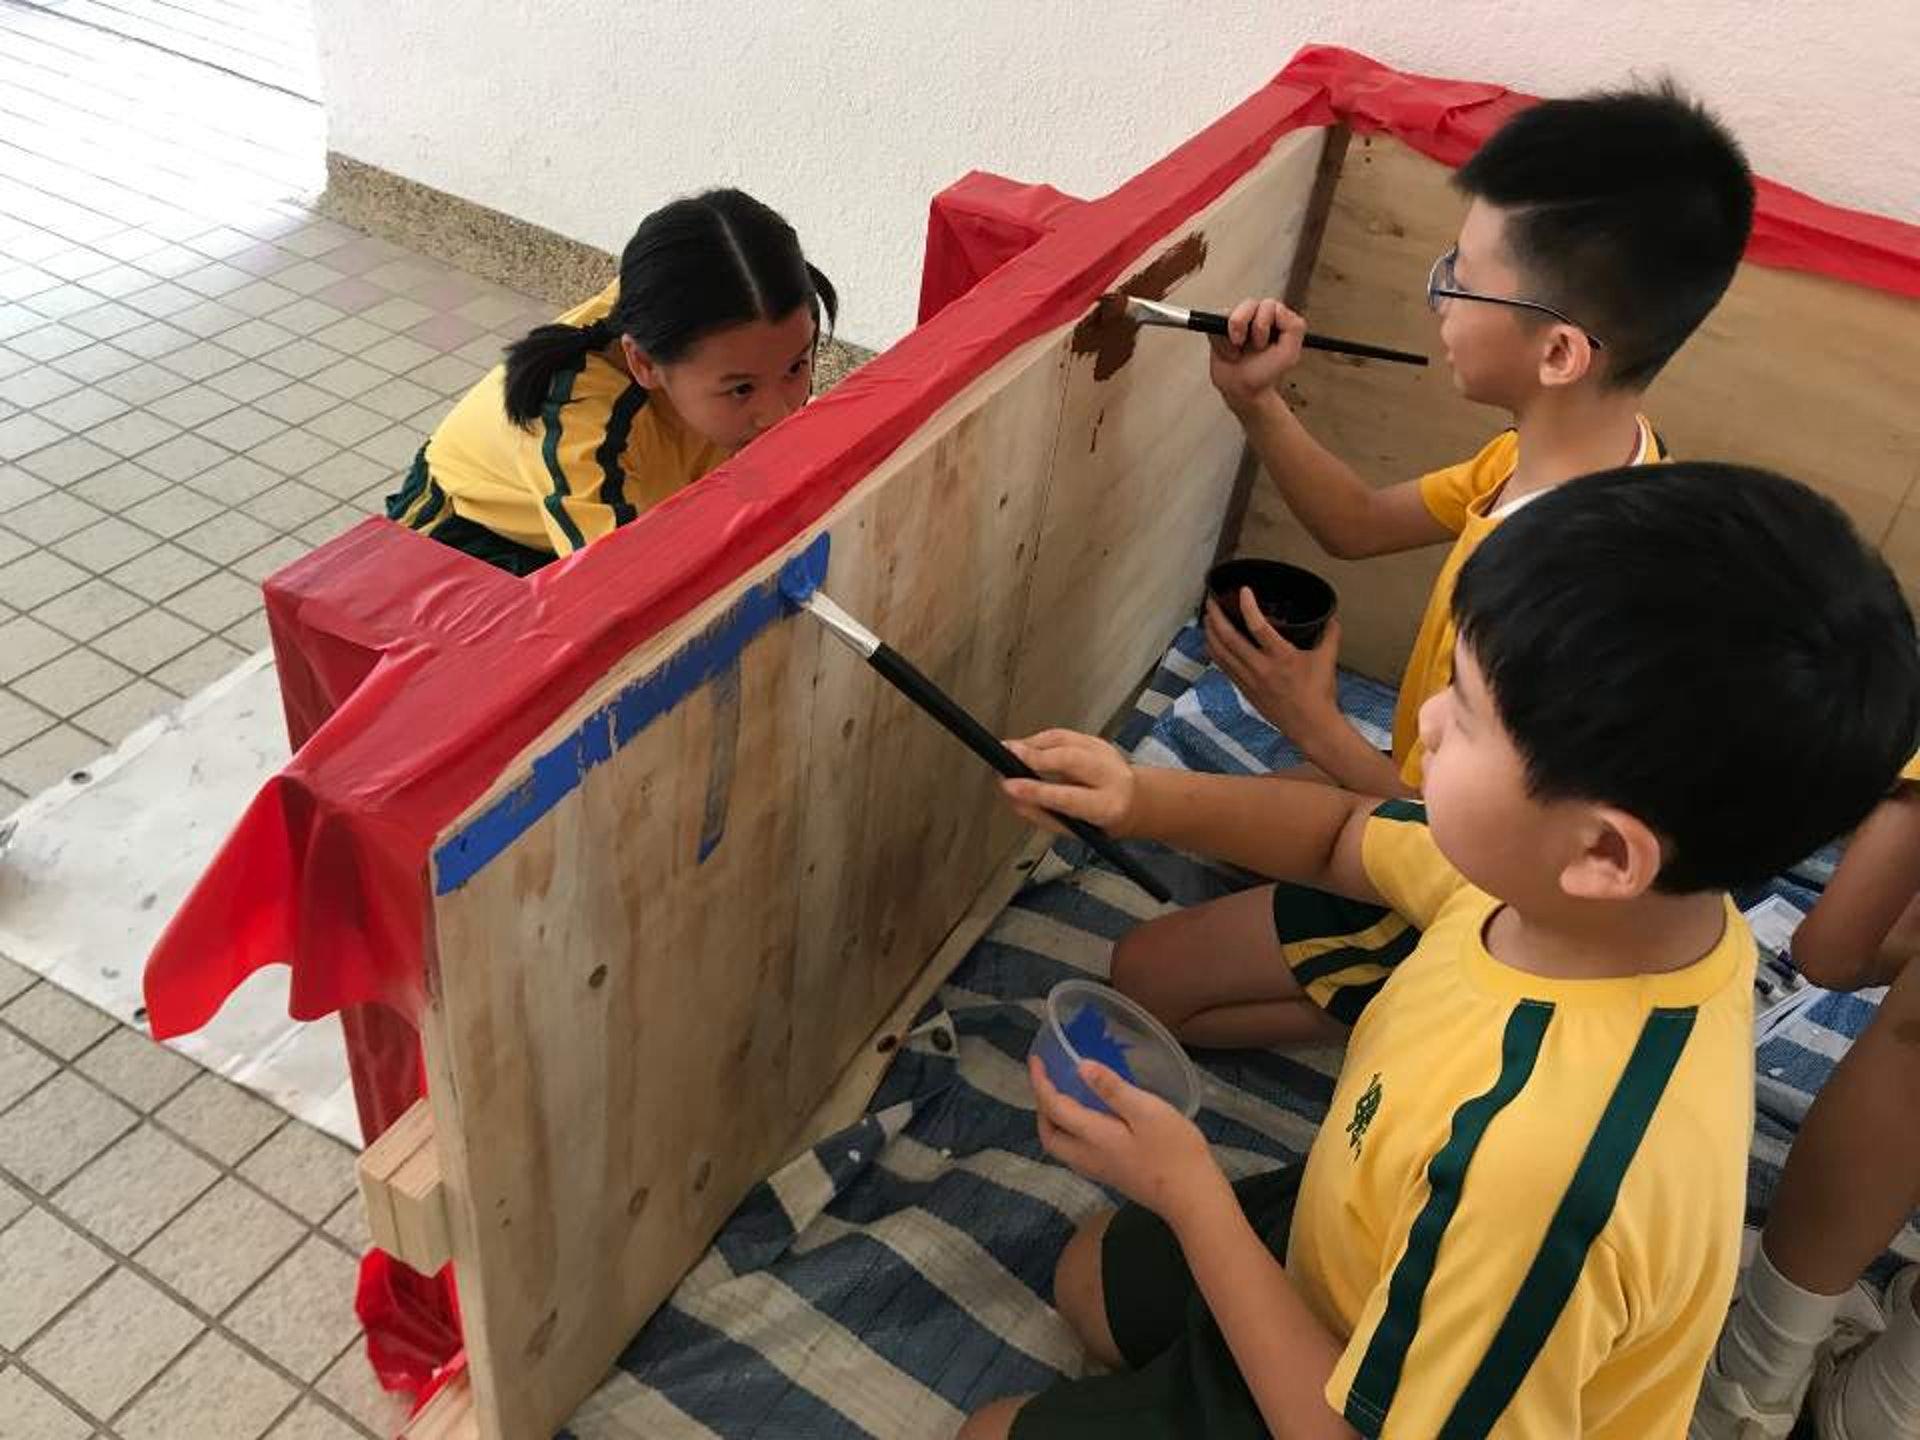 天主教柏德學校為了讓同學可以玩得更開心而努力學習,所以有了建「夢想玩具屋」的想法。